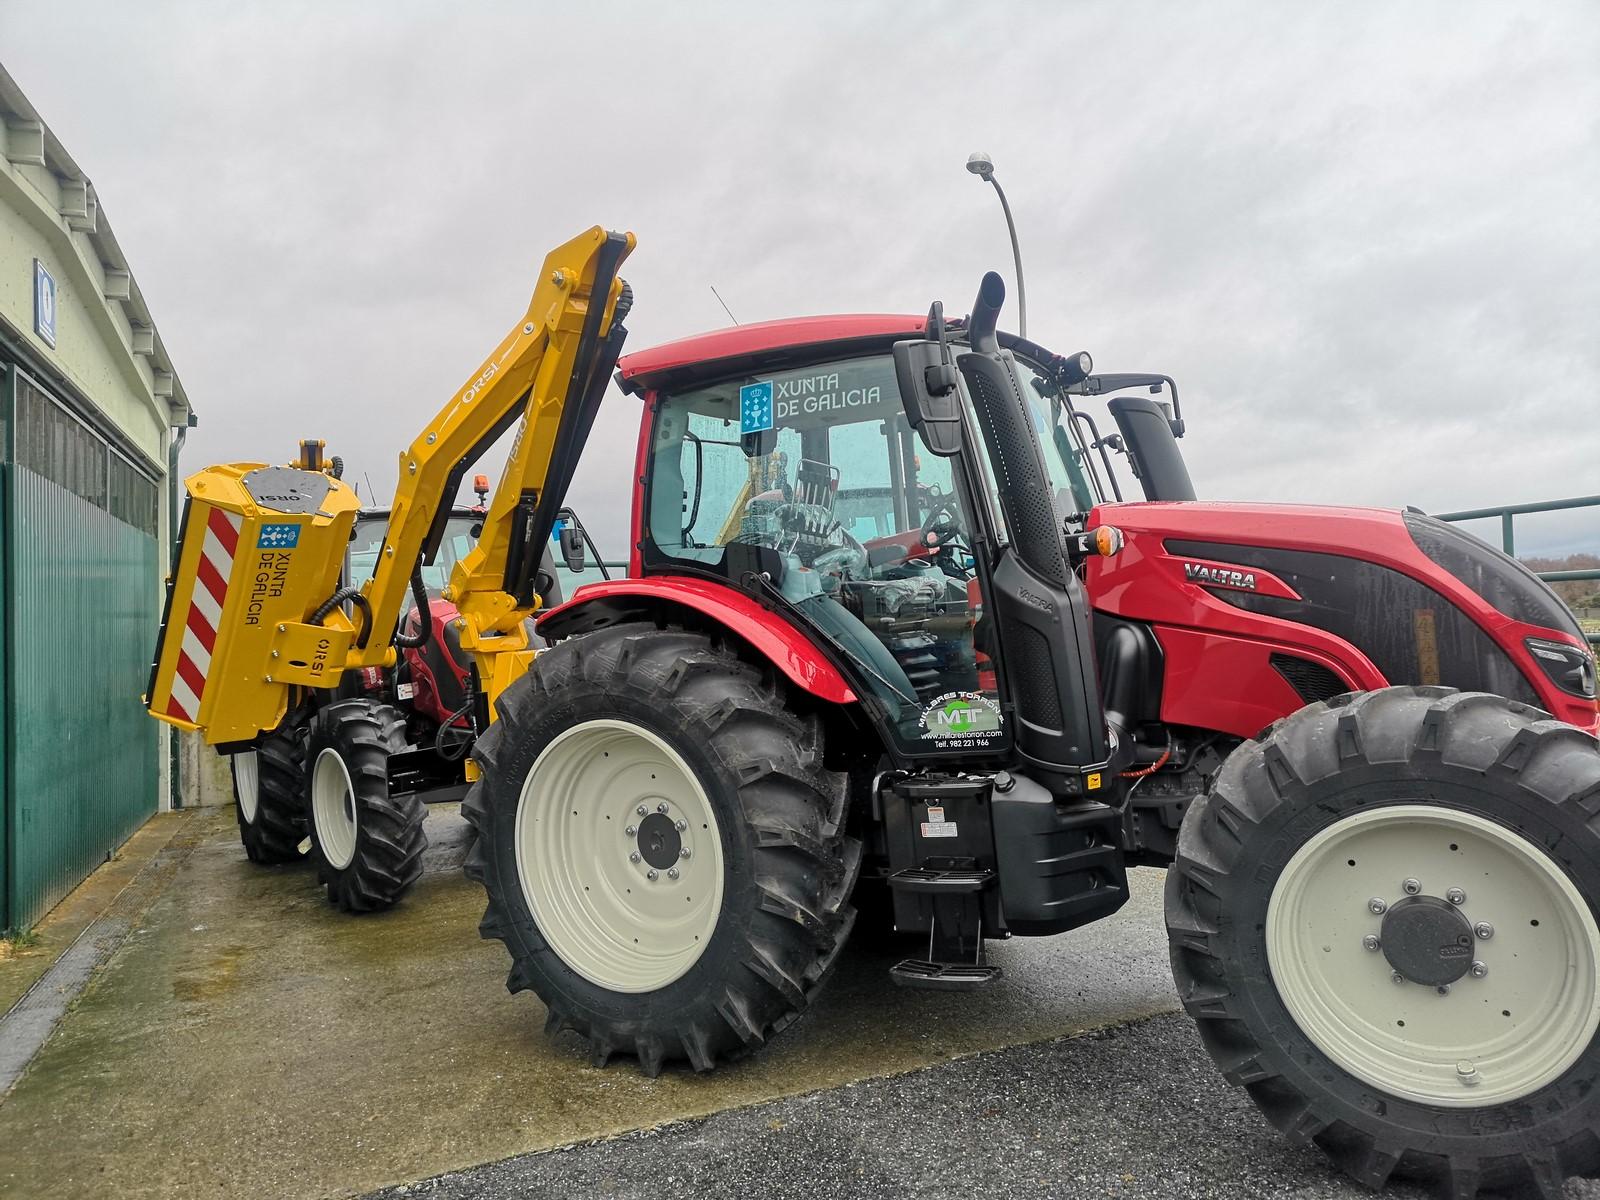 A Xunta cede case 40 tractores, rozadoiras e trituradoras a concellos das catro provincias para contribuír á xestión da biomasa para previr lumes e á limpeza dos camiños e estradas